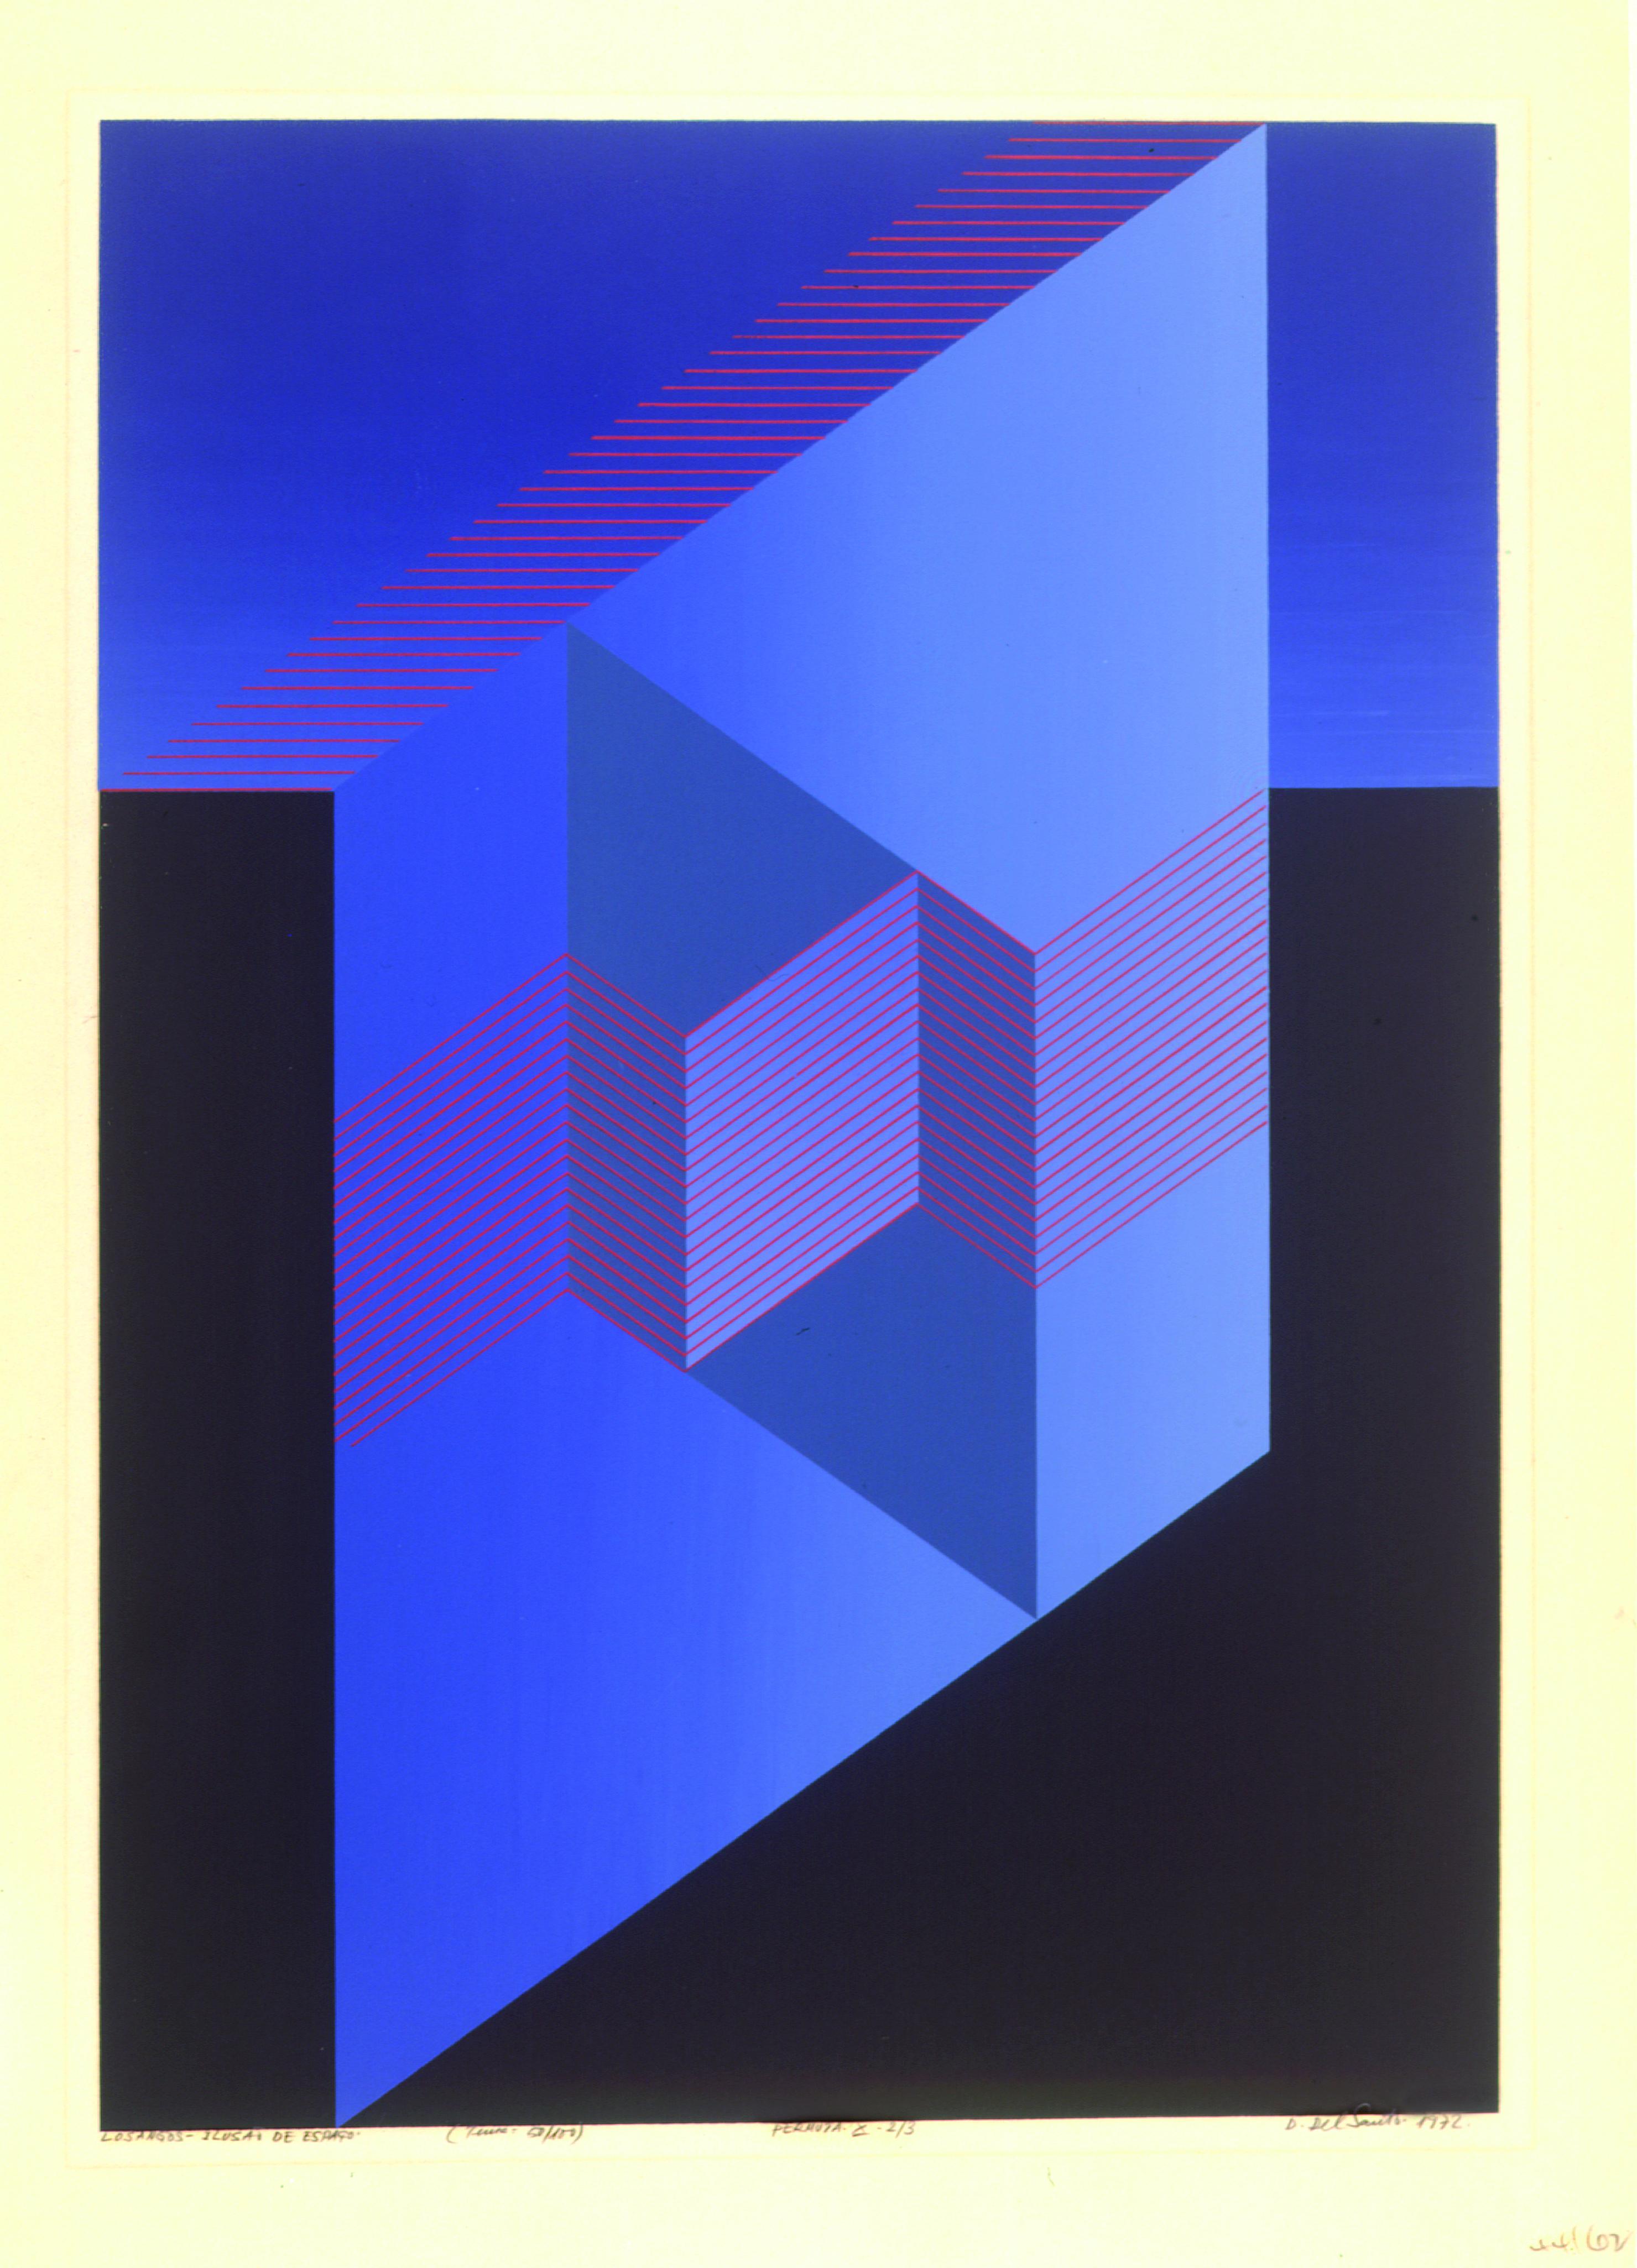 Losangos- Ilusão de Espaço Autor: Dionísio del Santo Ano: 1972 Técnica: Serigrafia (50/100) Dimensão: 60 cm x 42 cm